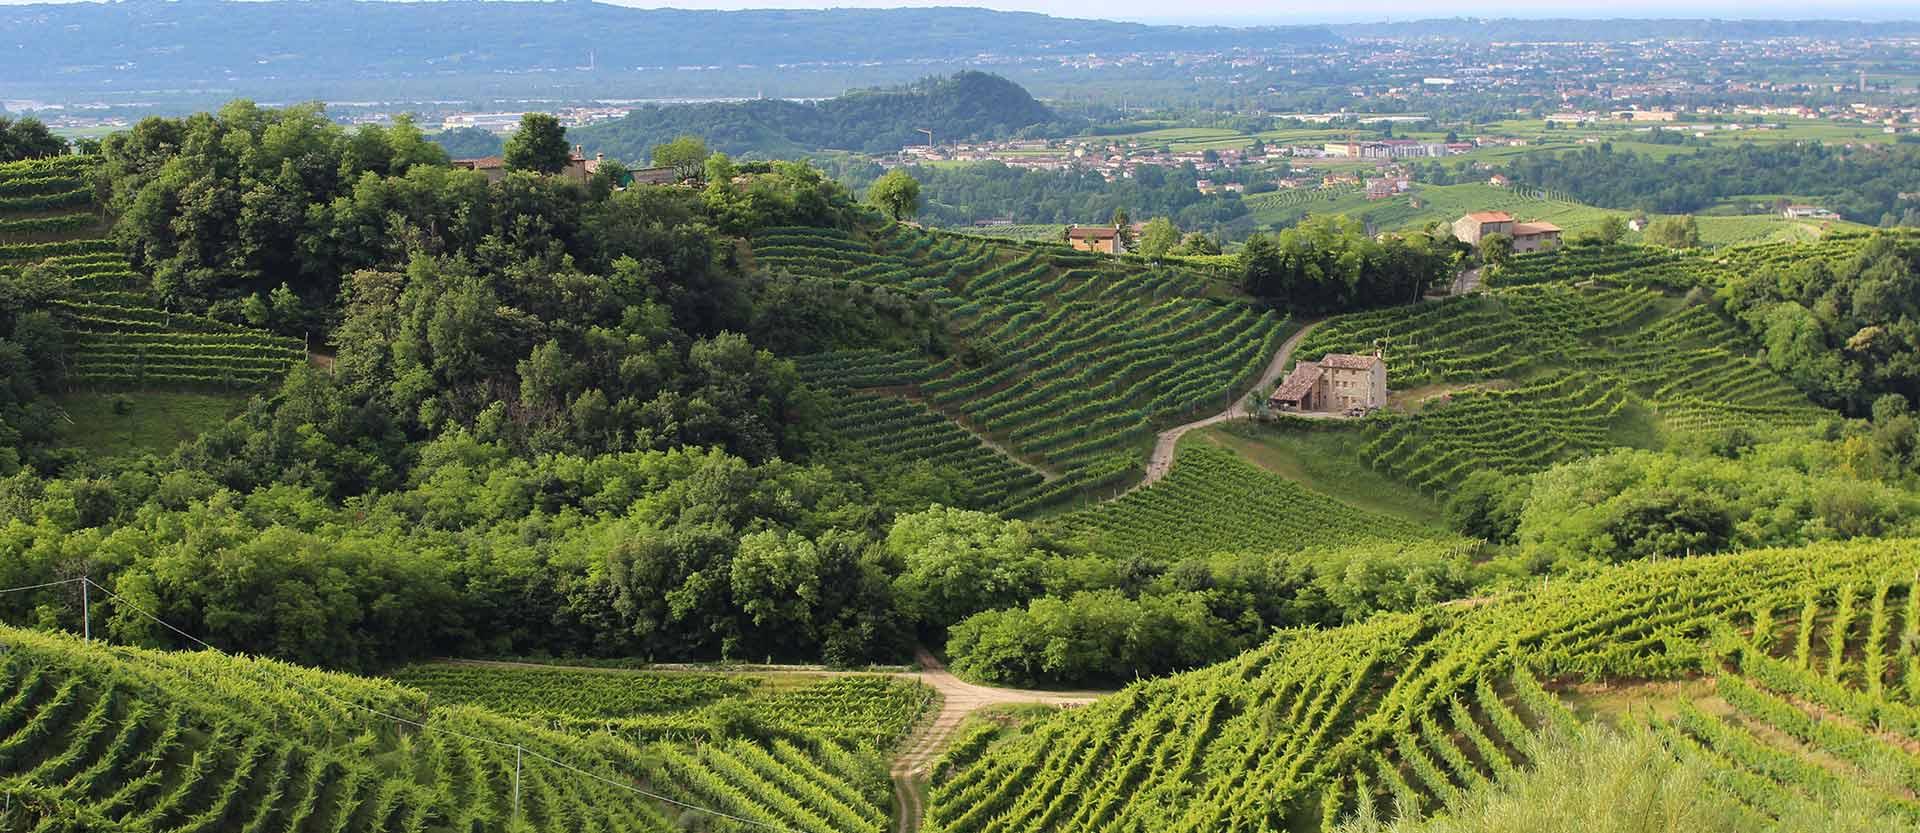 colline del prosecco viti